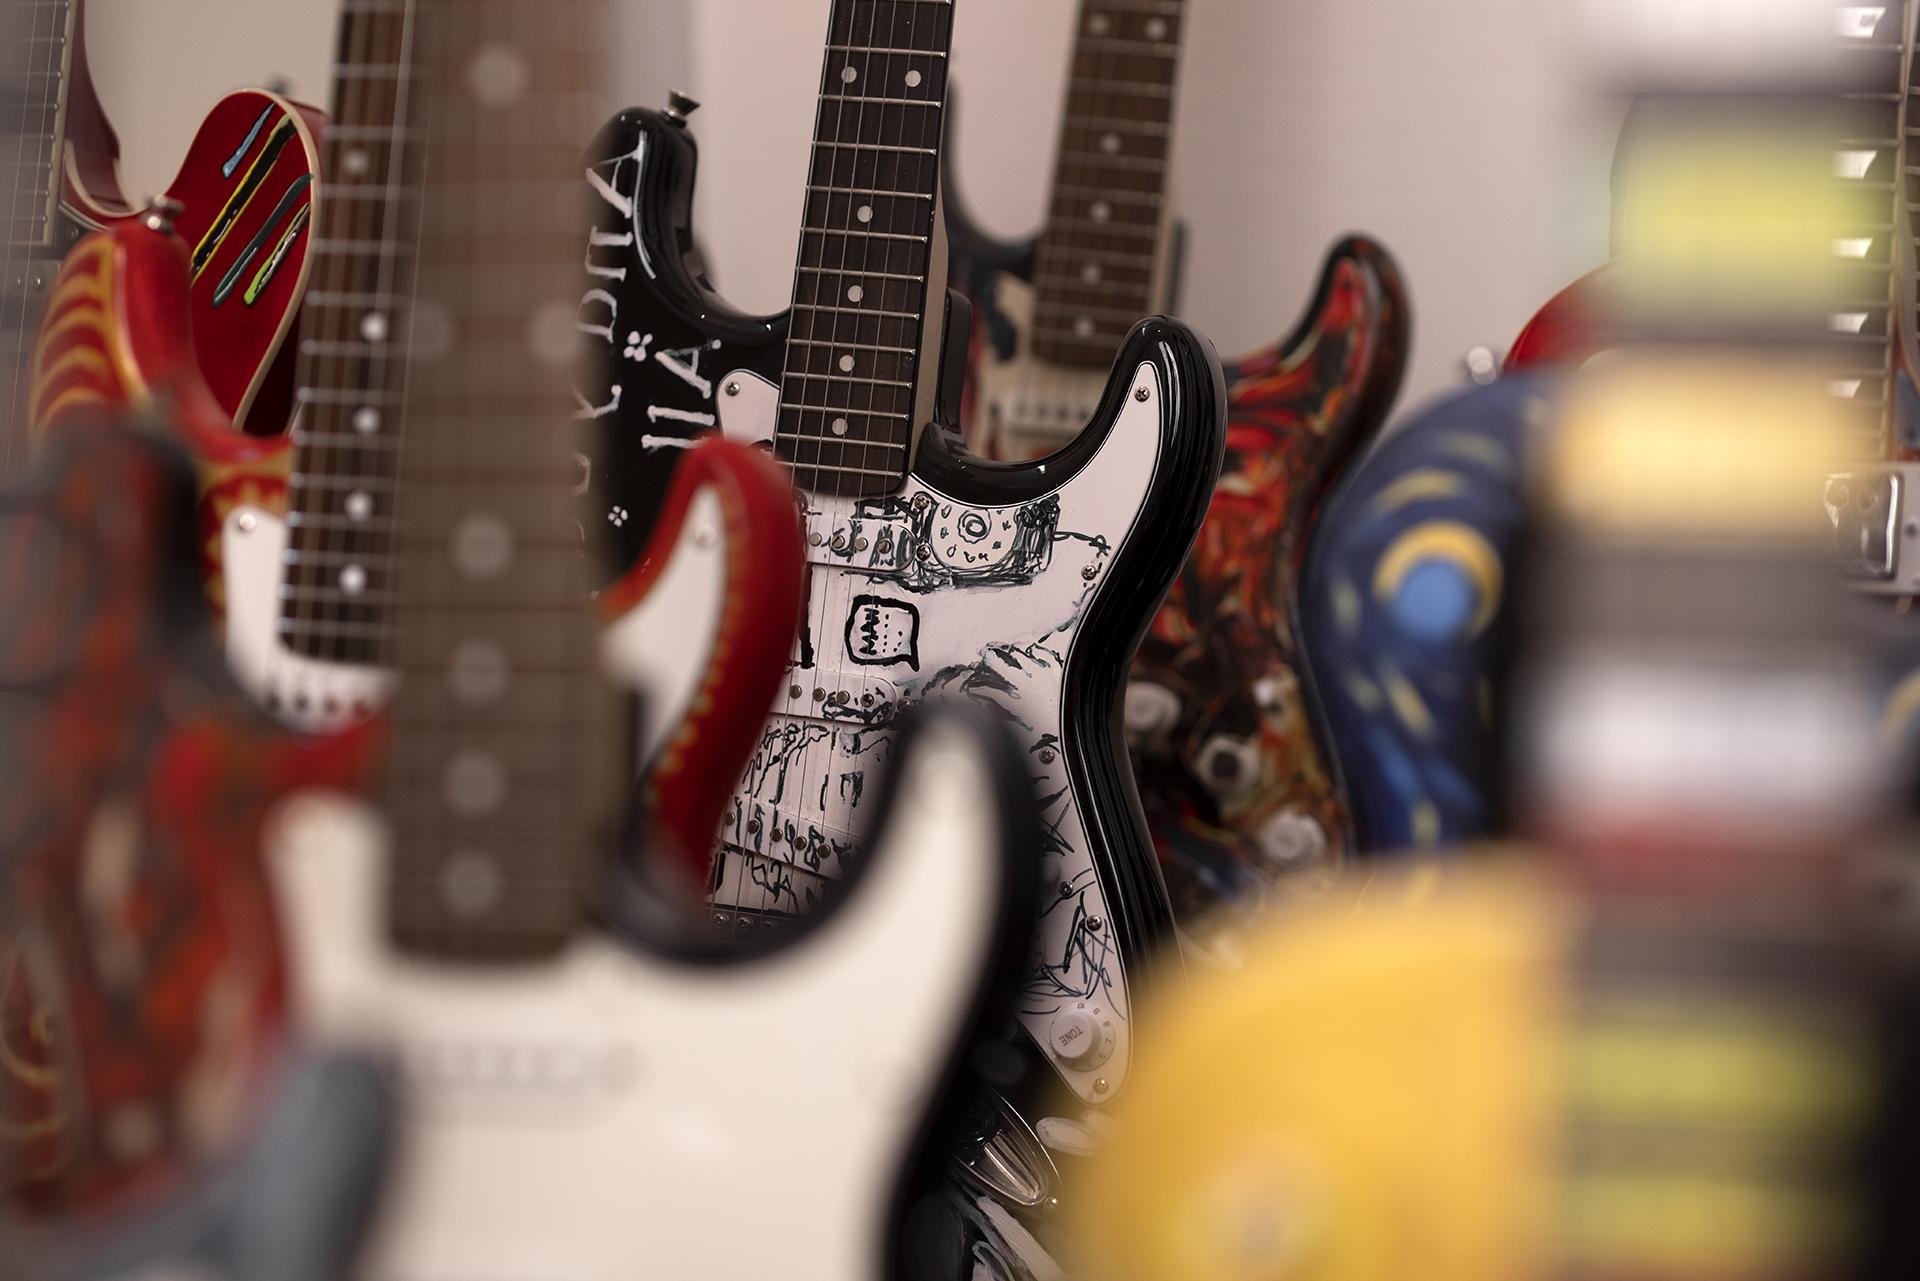 guitarer malet af musikere